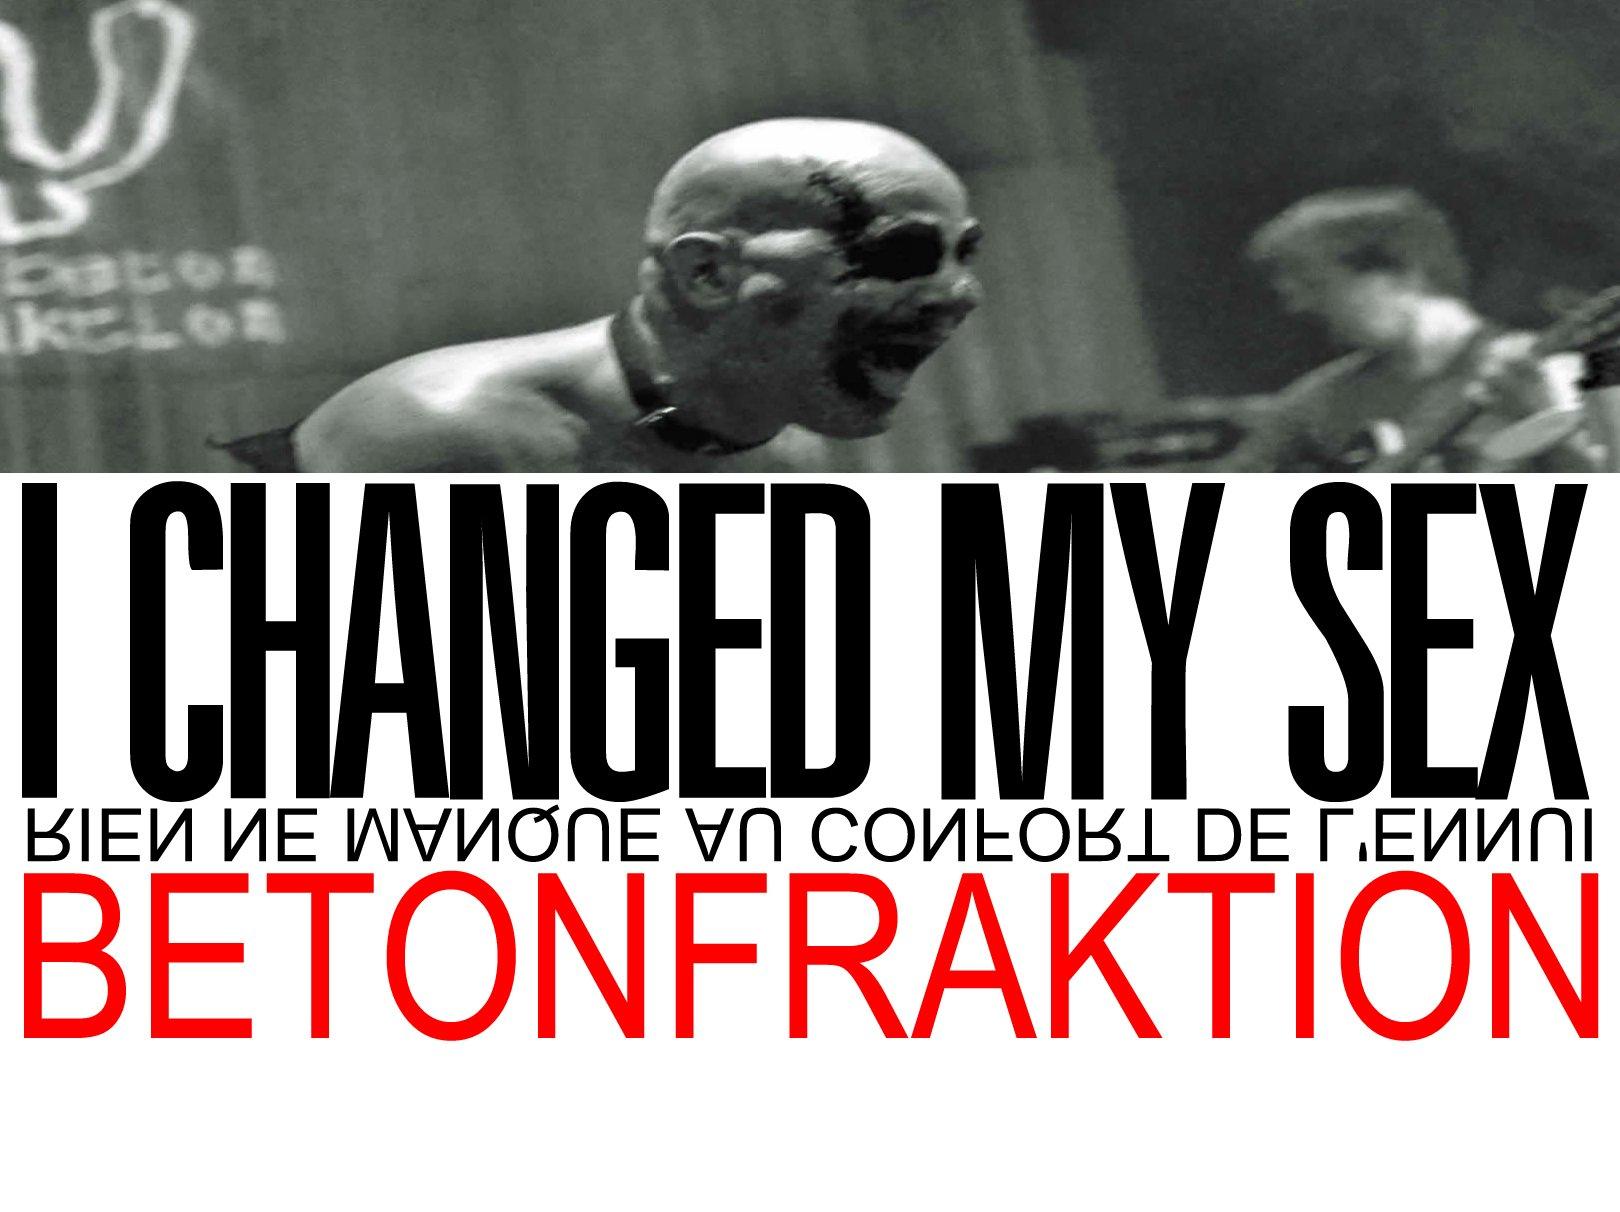 Image for Betonfraktion